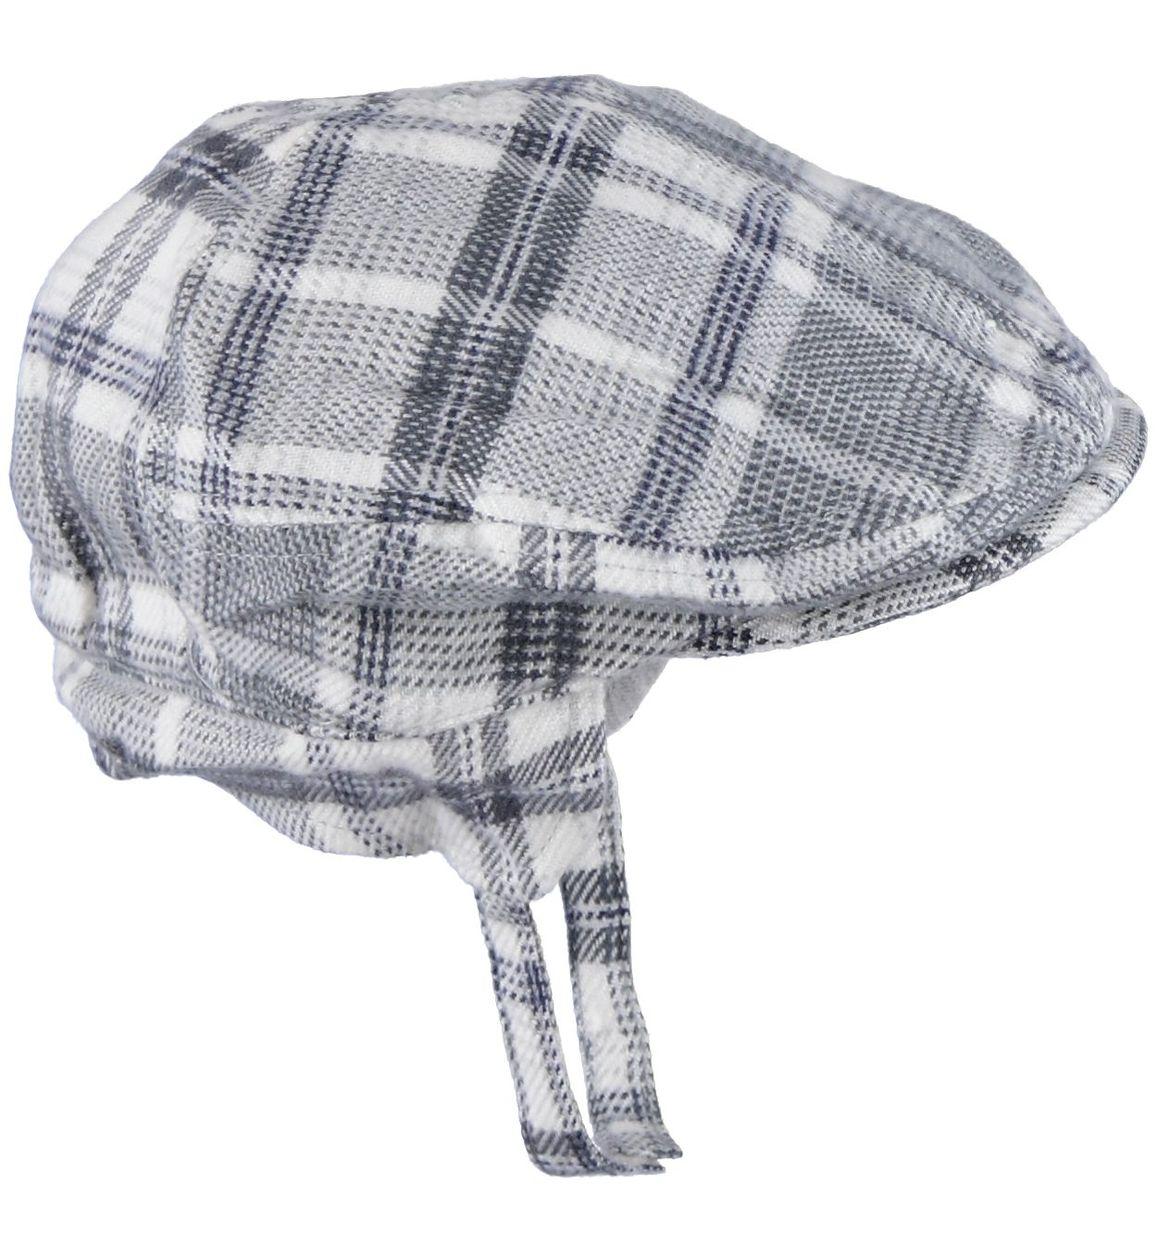 Caldo cappellino modello coppola per neonato da 0 a 18 mesi iDO ... 88d21f6fbd37